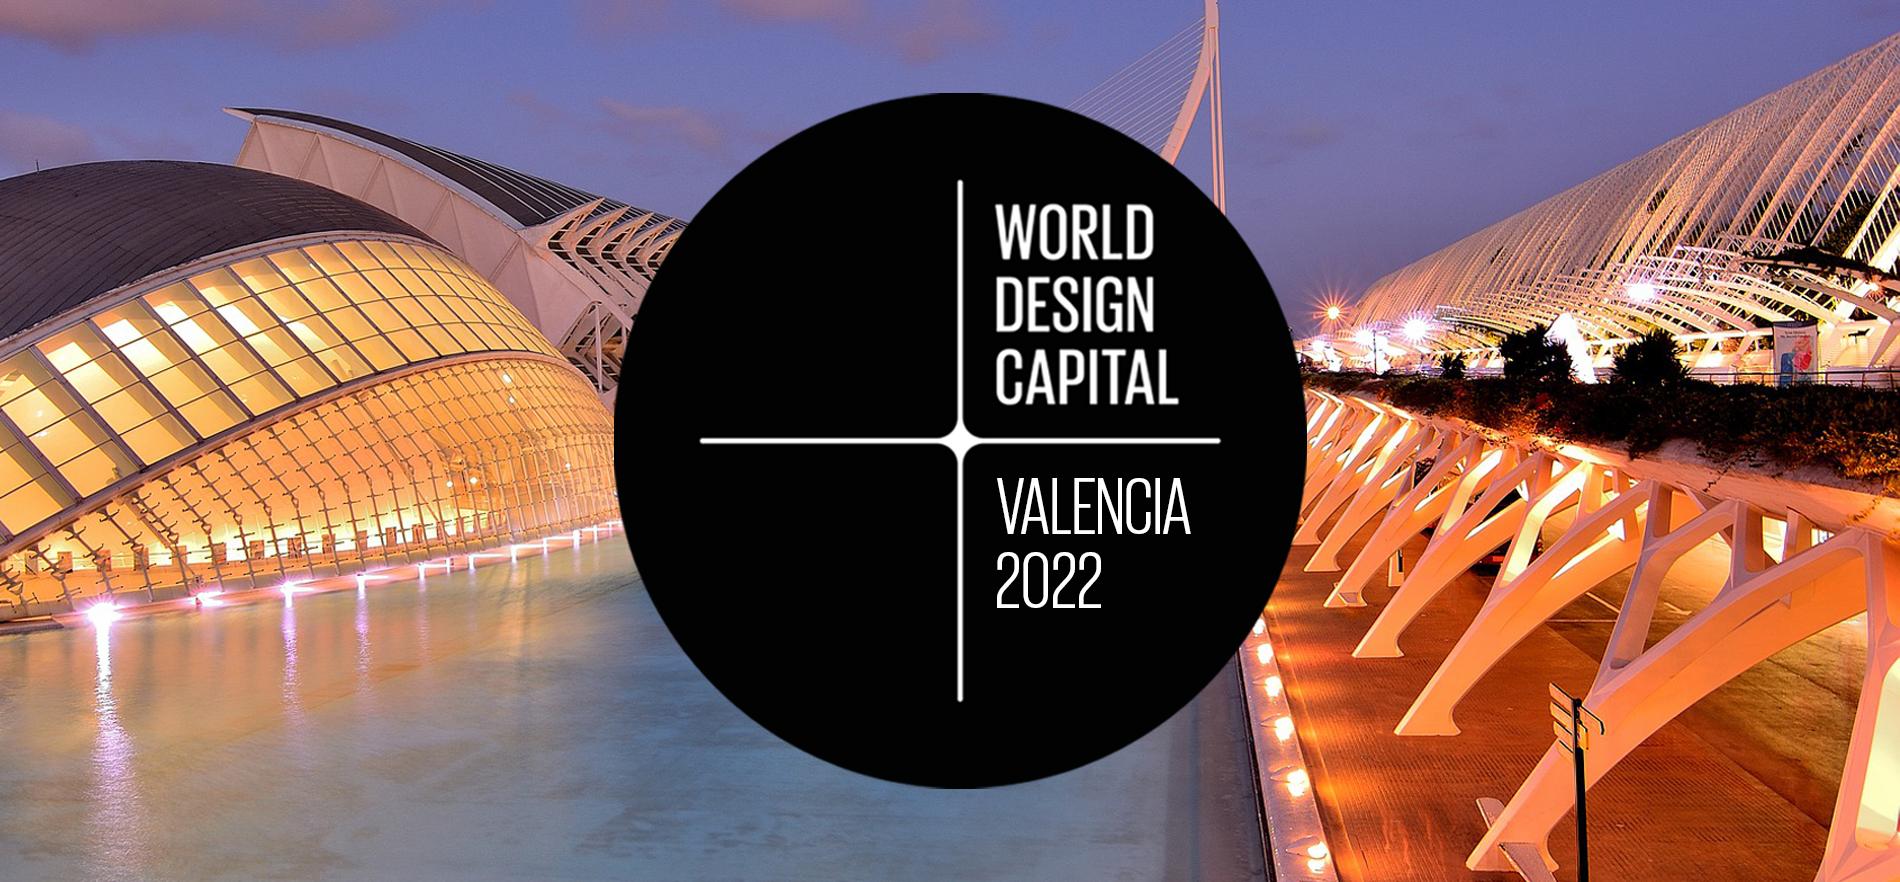 انتخاب والنسیا به عنوان پایتخت طراحی جهان در سال ۲۰۲۲